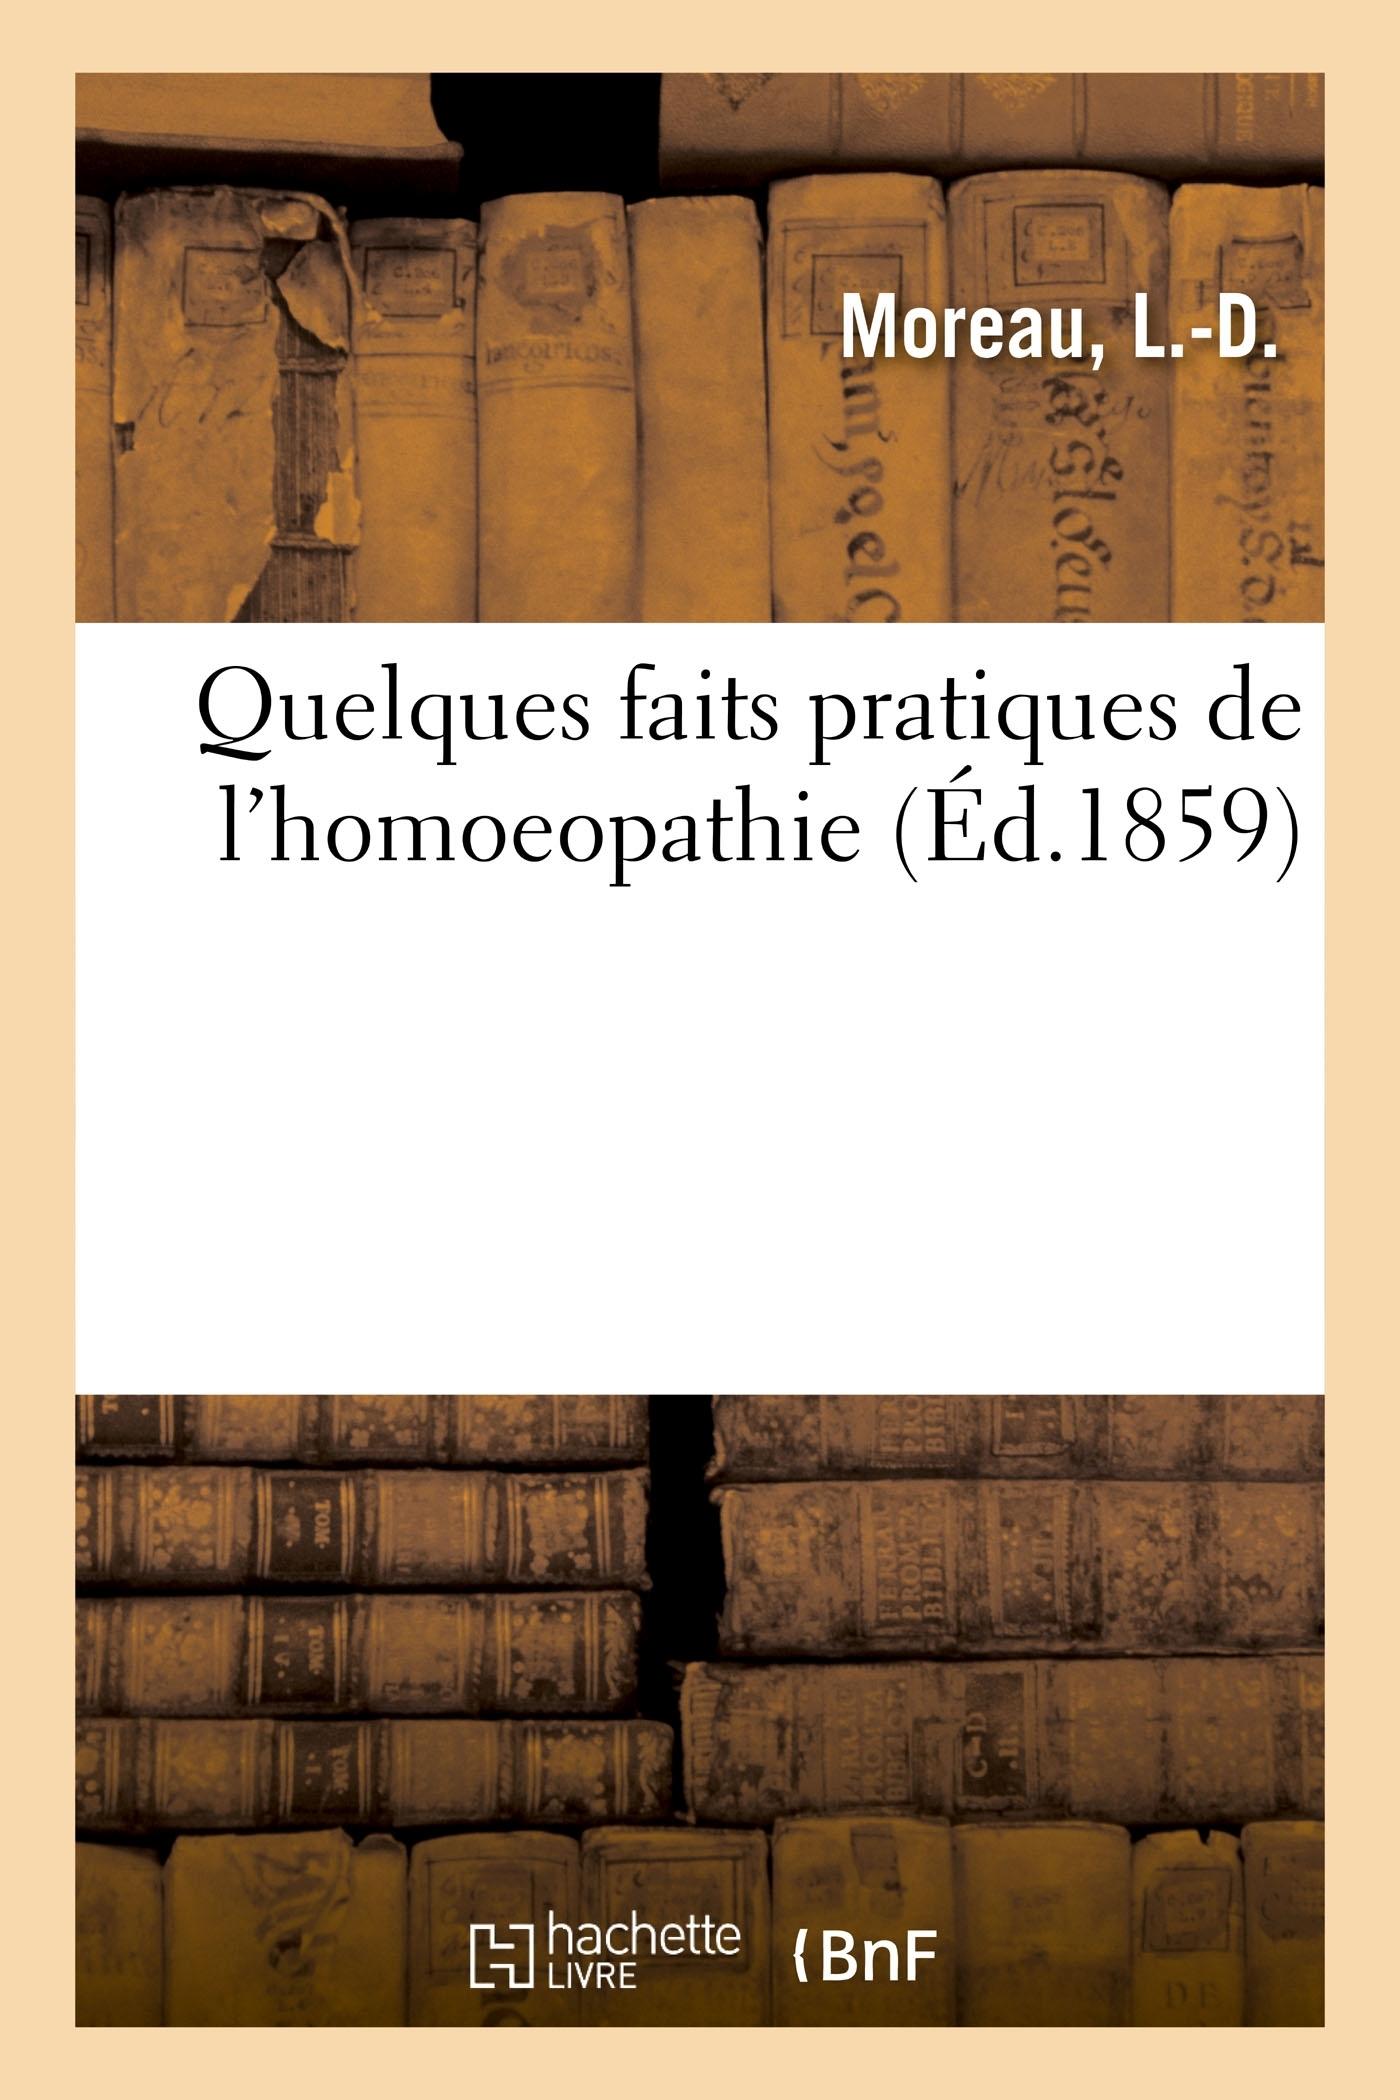 QUELQUES FAITS PRATIQUES DE L'HOMOEOPATHIE